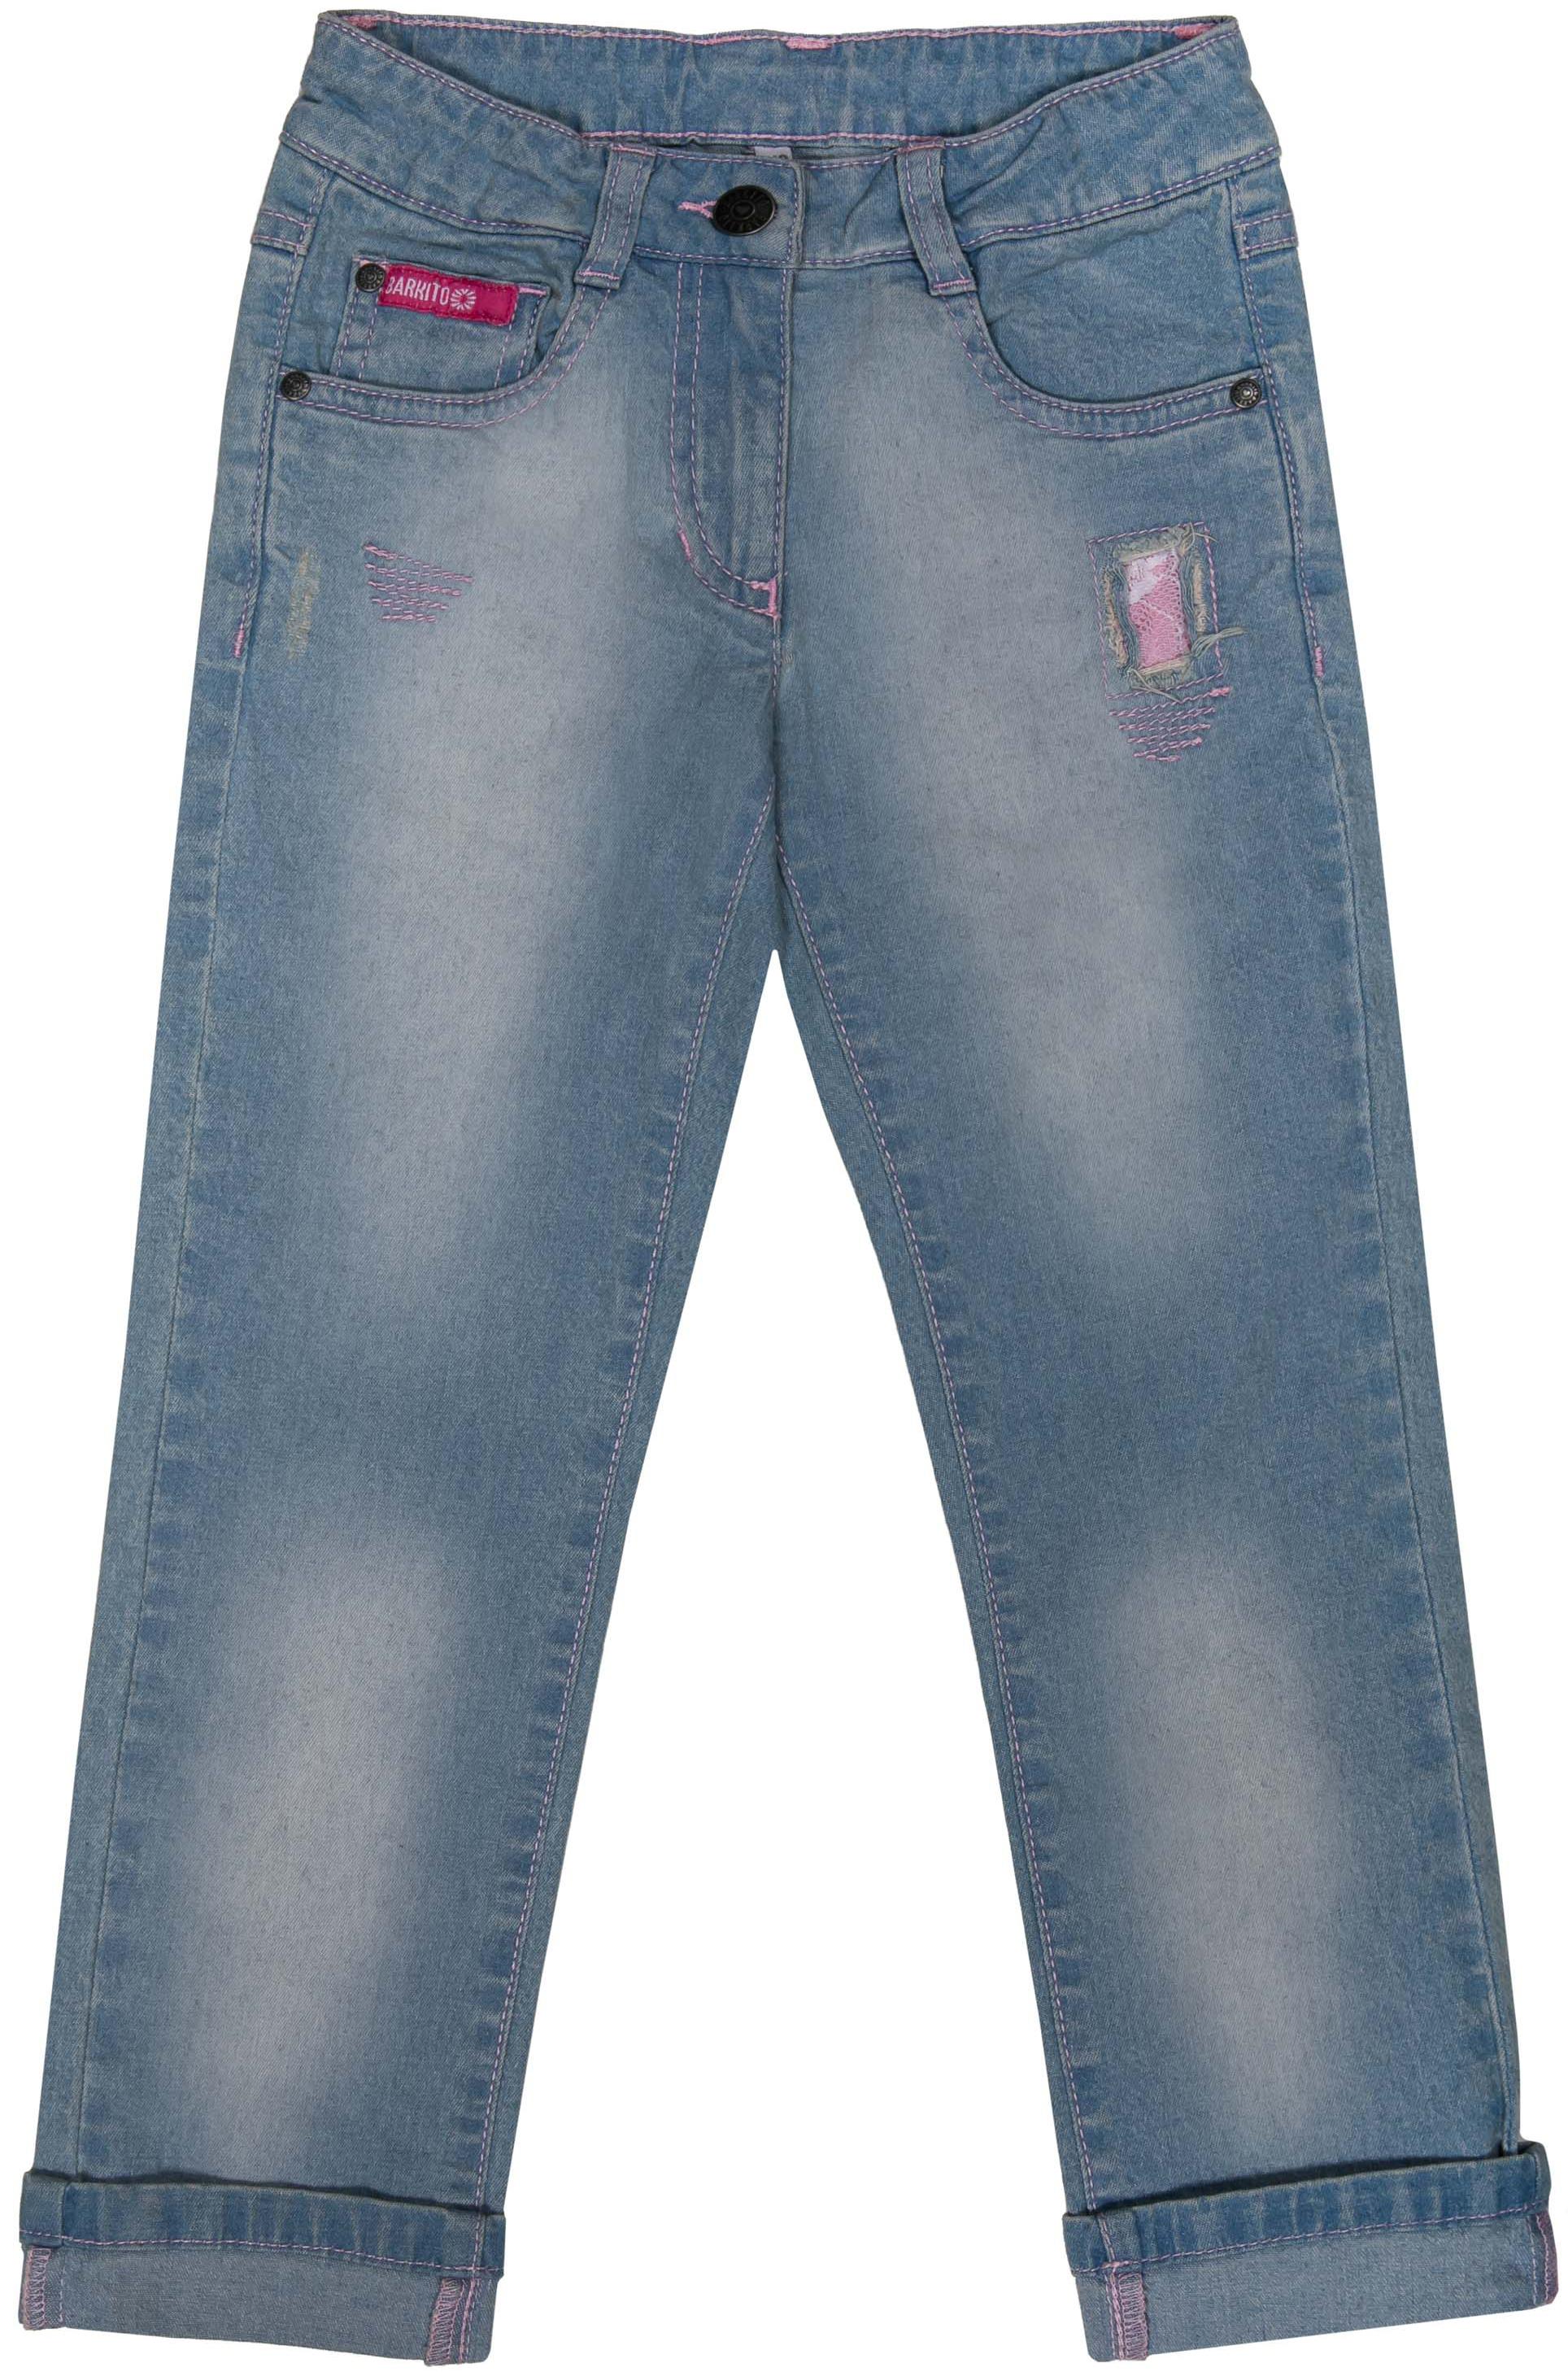 Джинсы Barkito Брюки модель Джинсы для девочки Barkito Деним, голубые брюки джинсы и штанишки s'cool брюки для девочки hip hop 174059